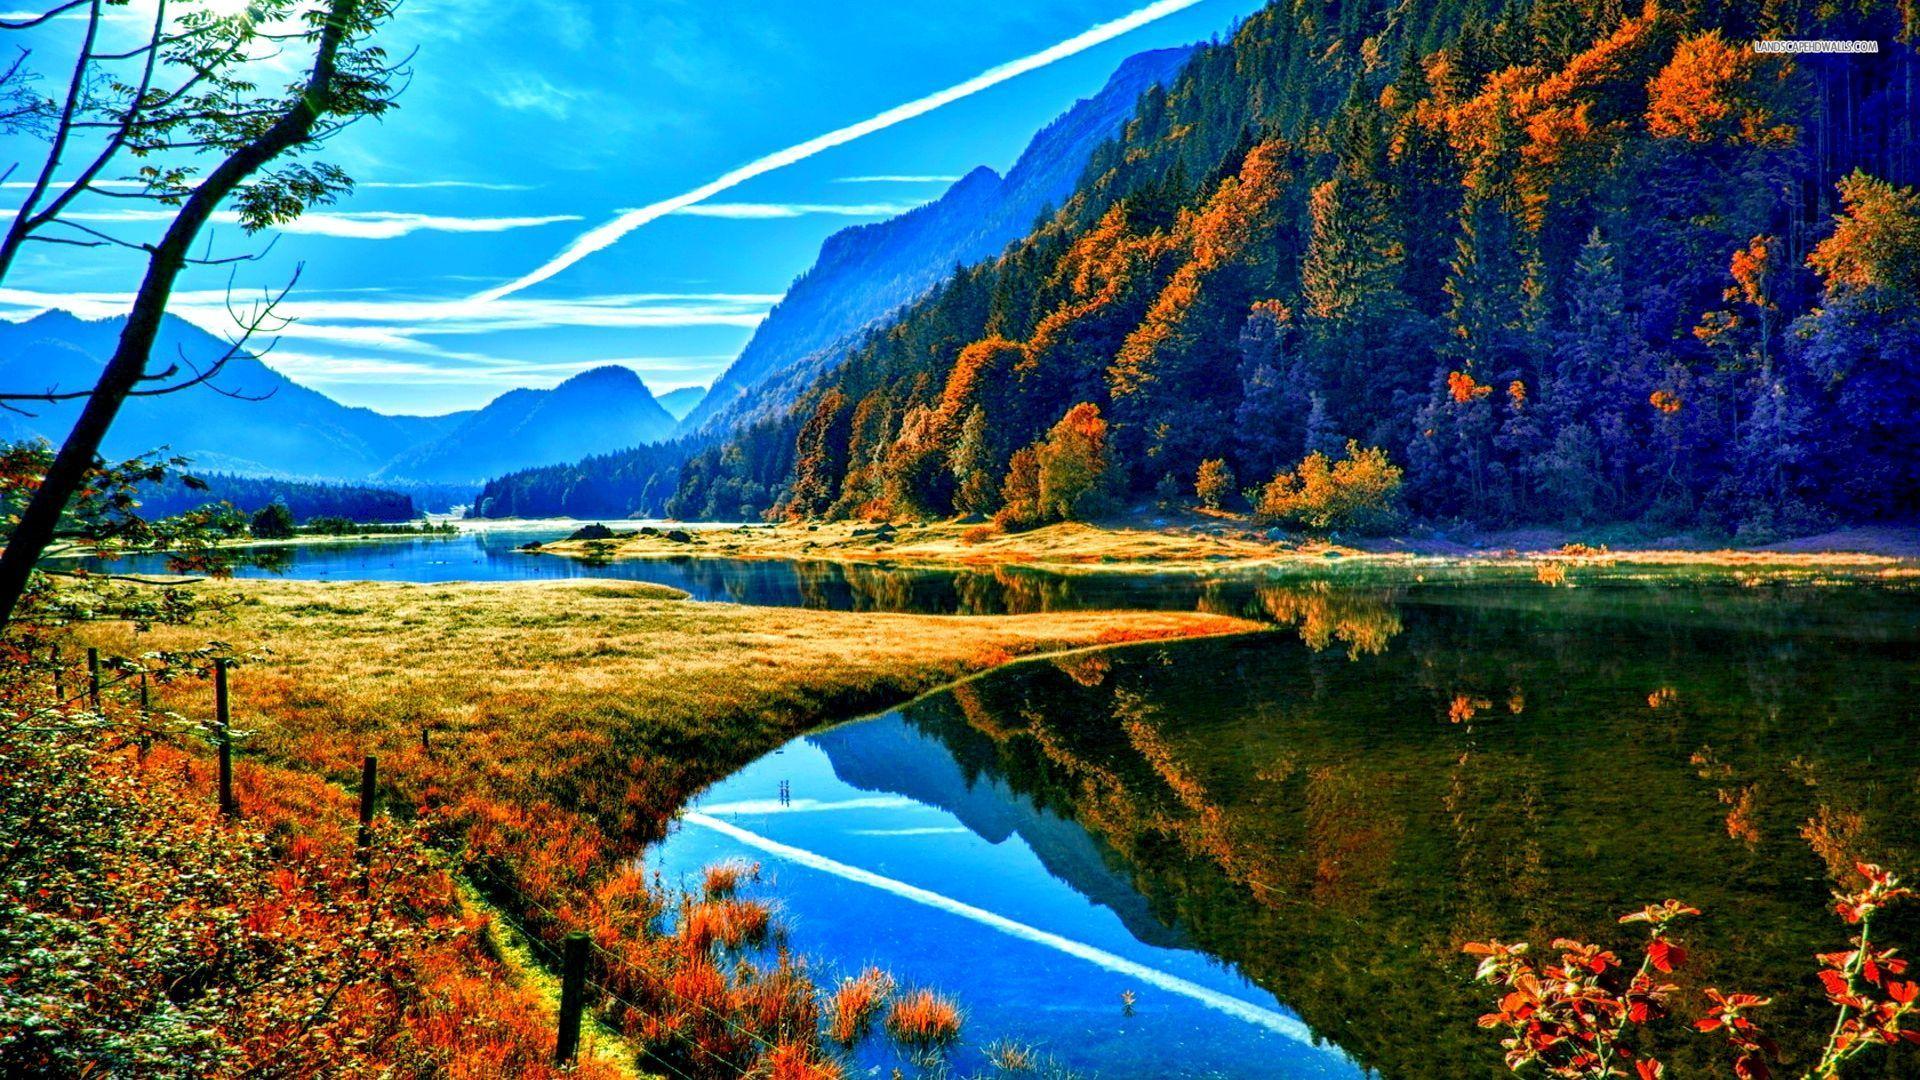 Autumn Mountain Wallpaper Widescreen - Scerbos com